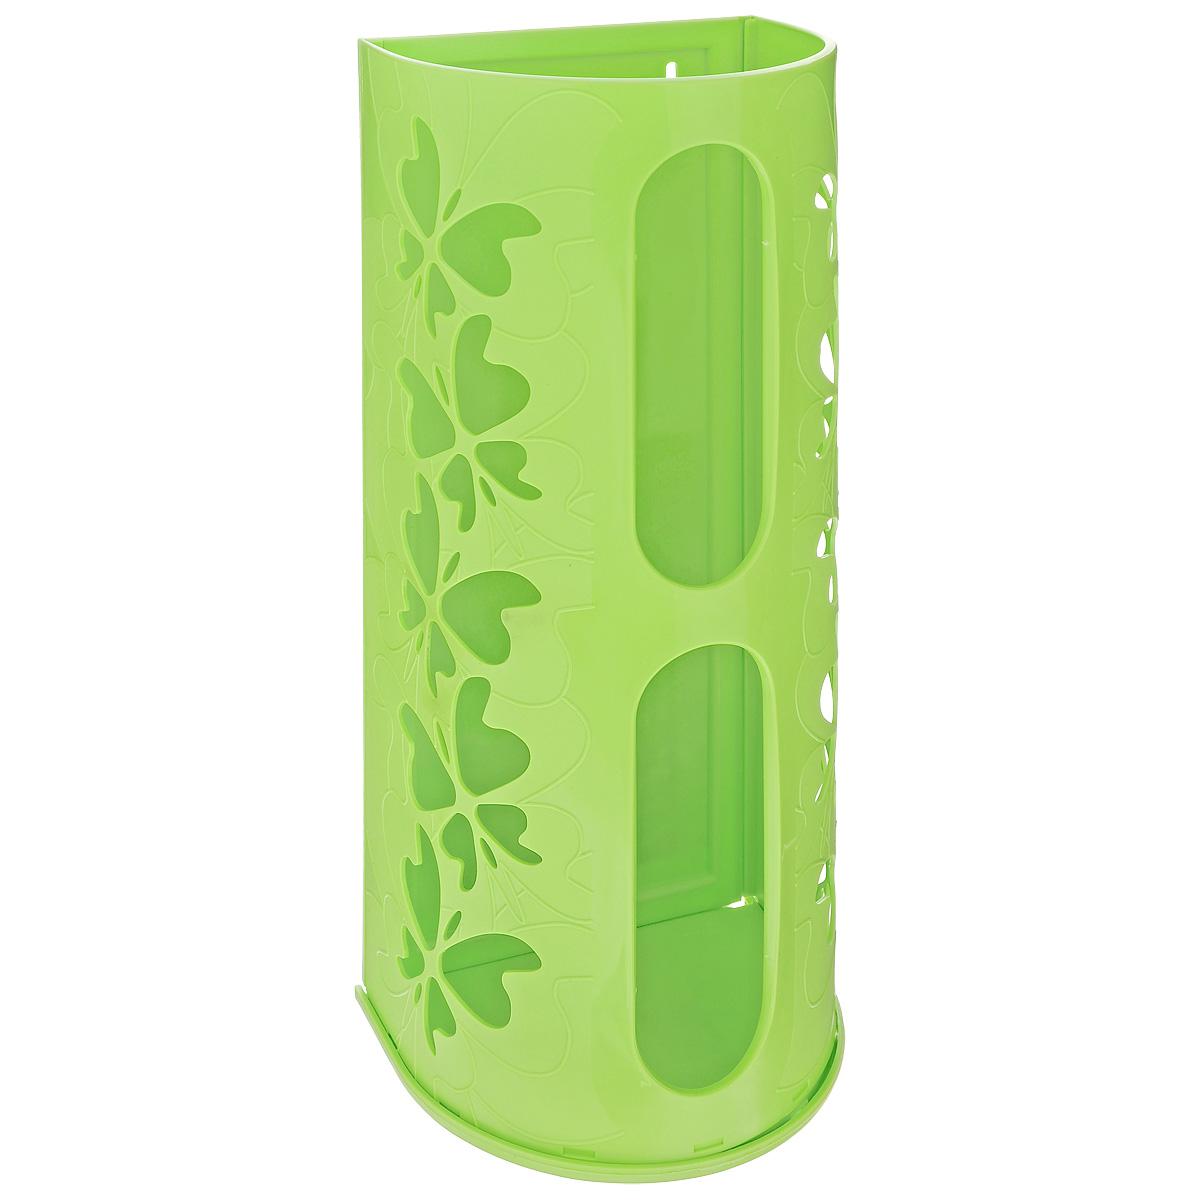 Корзина для пакетов Berossi Fly, цвет: салатовый, 16 х 13 х 37,5 смИК10338Корзина Berossi Fly выполнена из пластика и предназначена для хранения пакетов для продуктов. Изделие декорировано перфорацией в виде бабочек и крепится к стене при помощи трех саморезов (входят в комплект). Корзина легко собирается и разбирается. Имеет два отверстия, из которых удобно вынимать пакеты. Корзина Berossi Fly позволяет хранить пакеты в одном месте. Размер корзины (в собранном виде): 16 см х 13 см х 37,5 см.